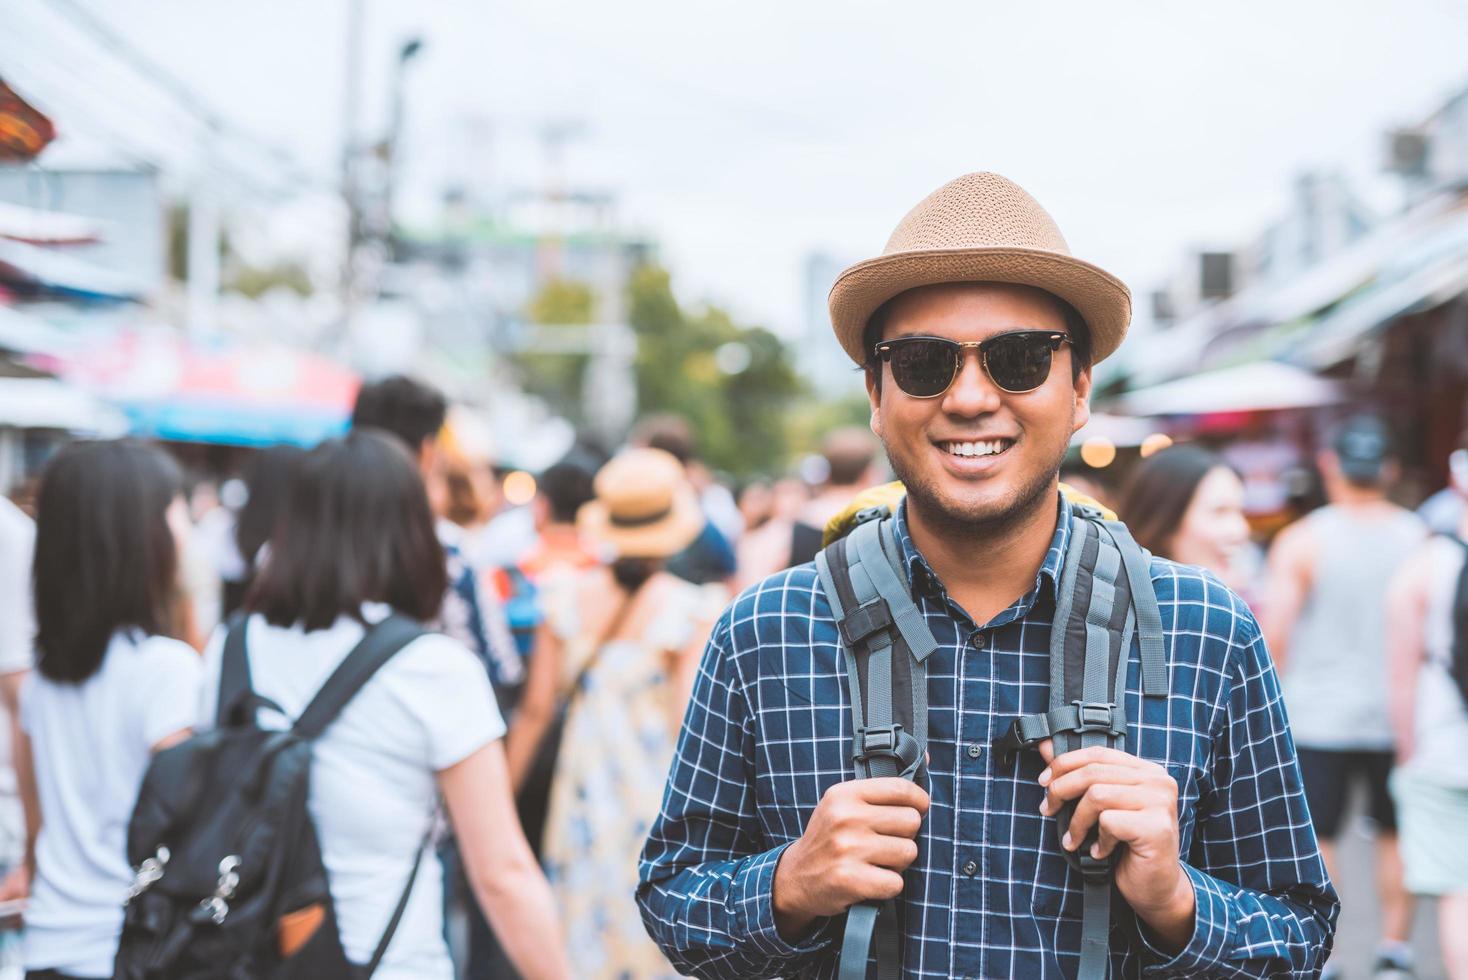 man lopen in drukke markt foto